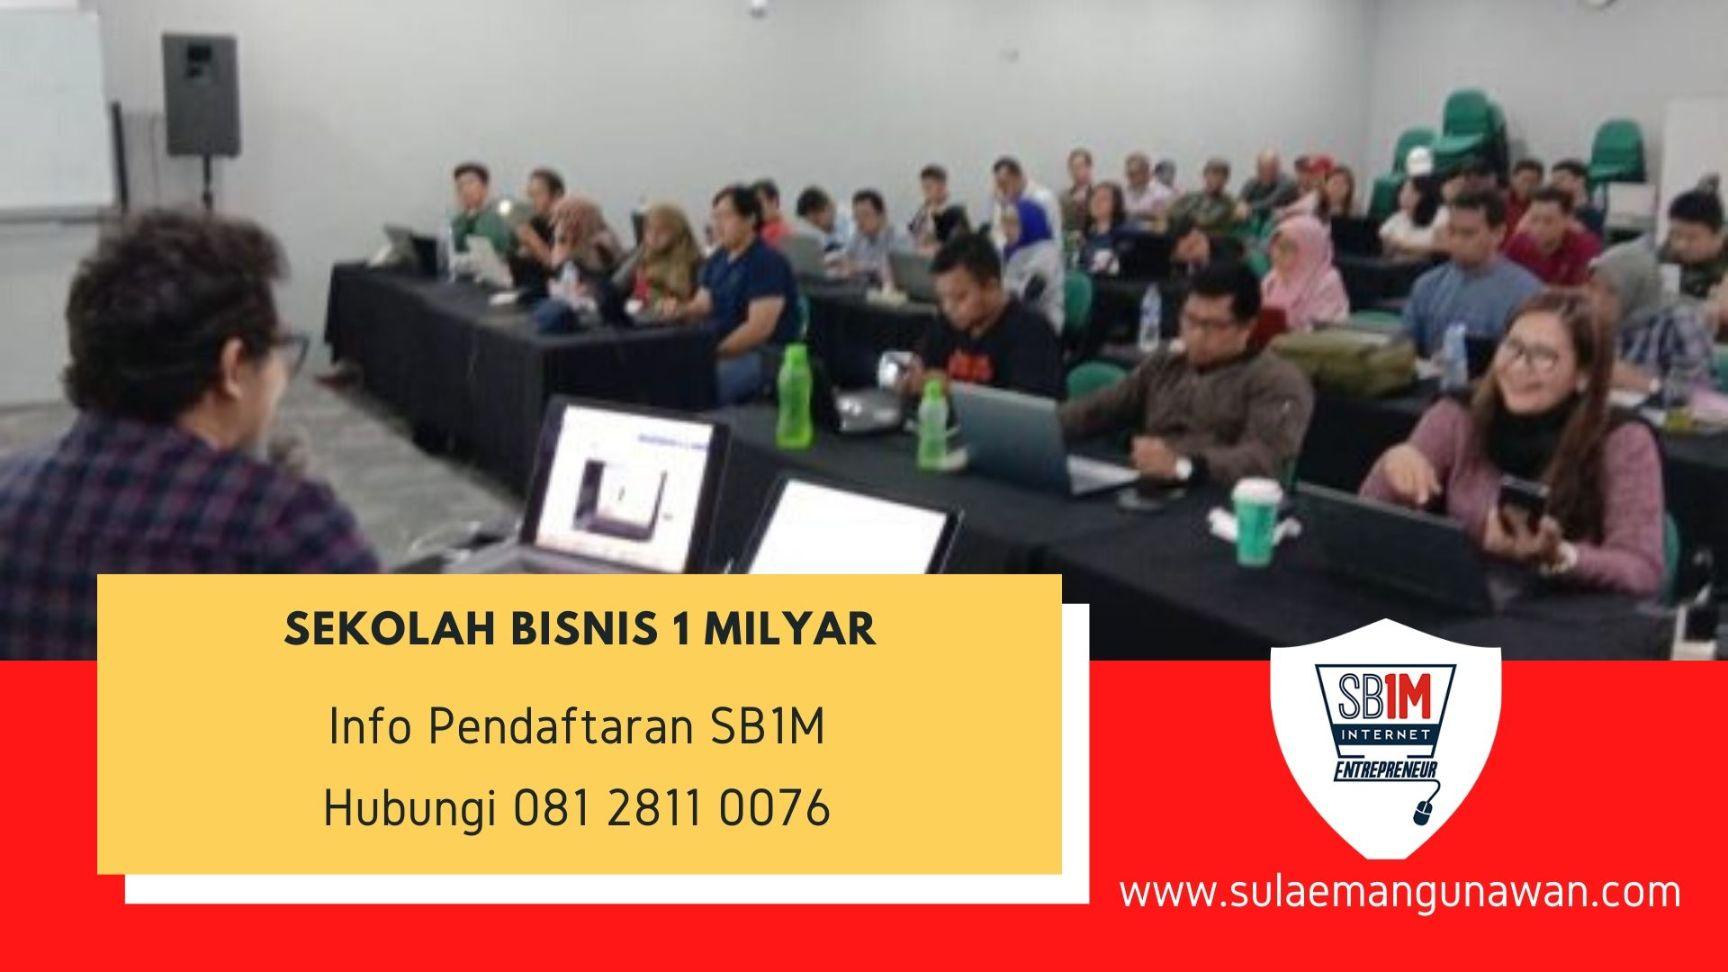 Kelas Bisnis Online Terpercaya di Kramat Pela Jakarta Selatan Hubungi 081 2811 0076